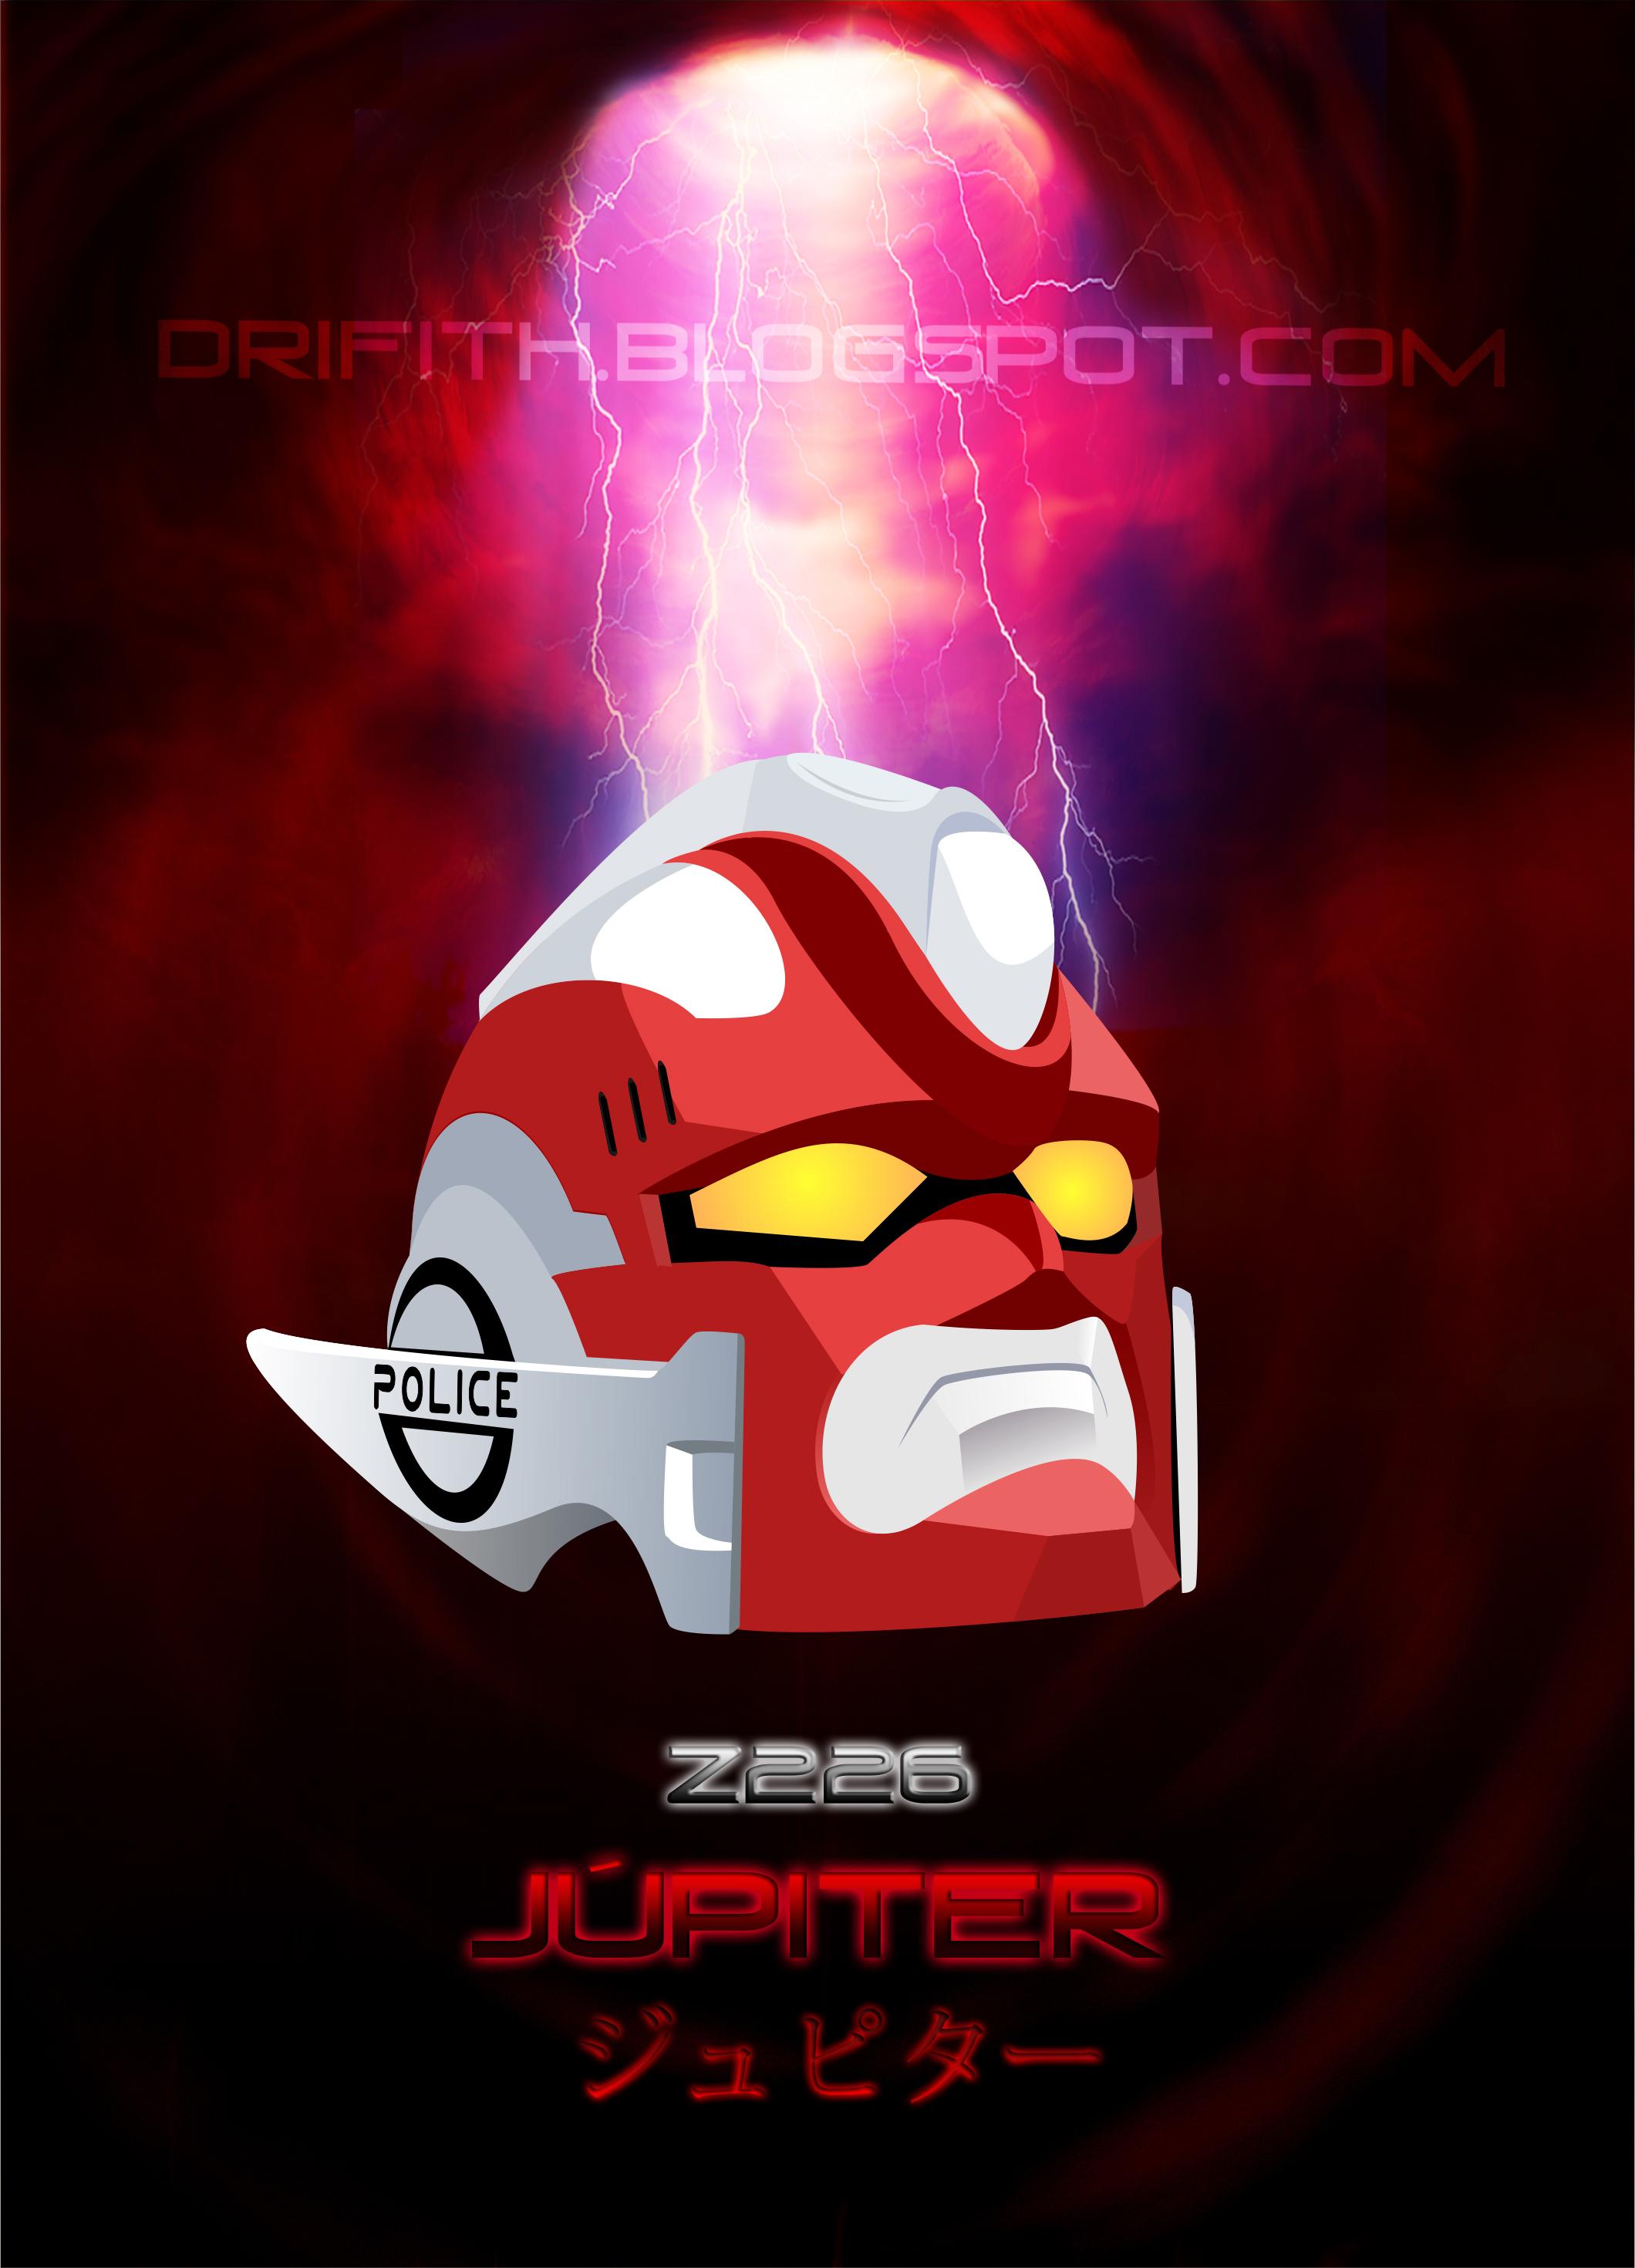 Cybercop Jupiter by drifith